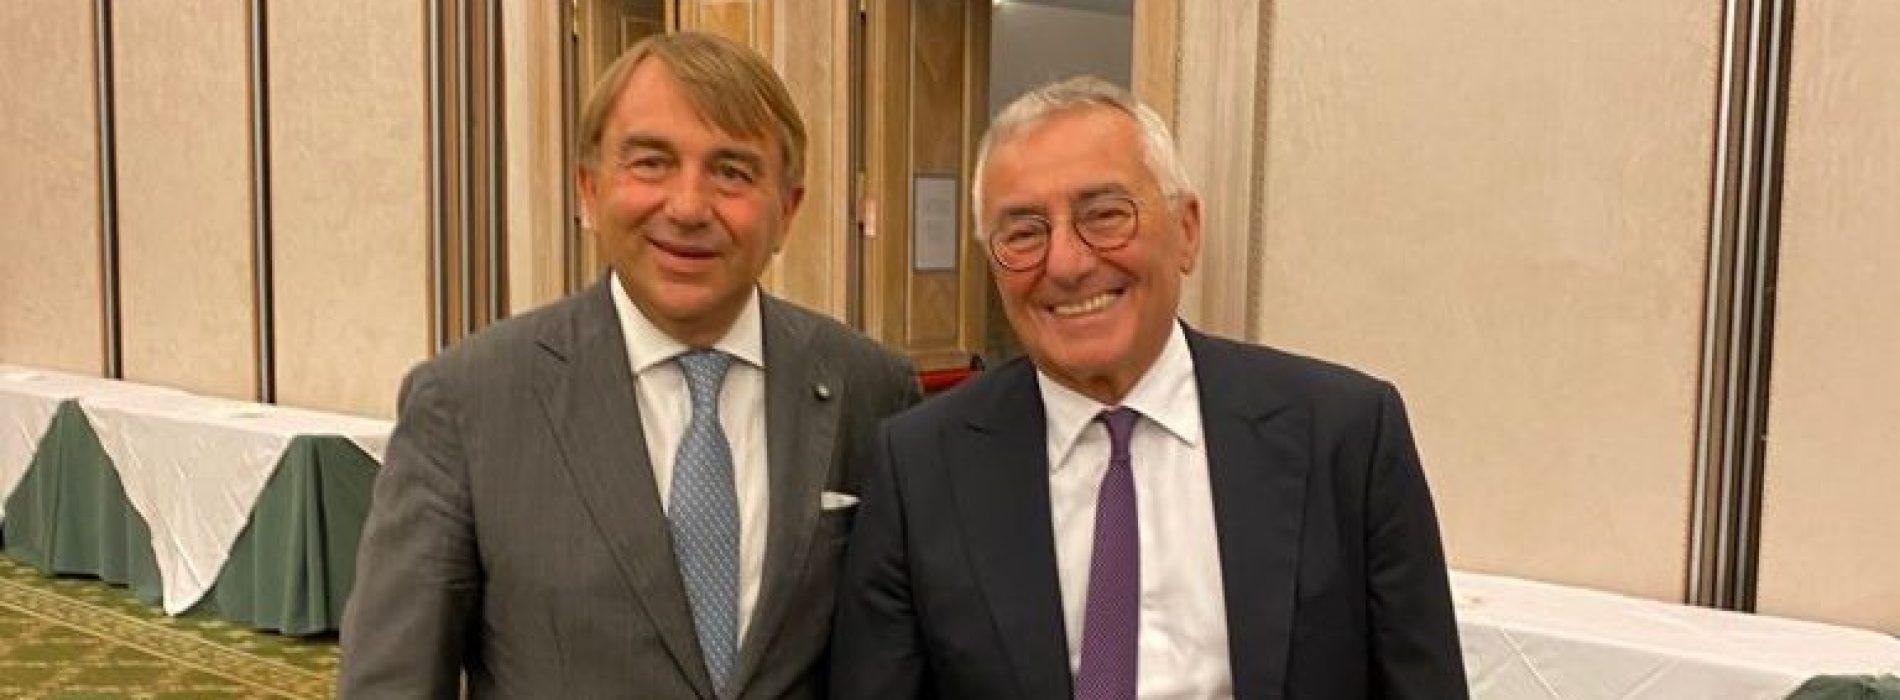 Unioncamere, De Simone confermato come vicepresidente